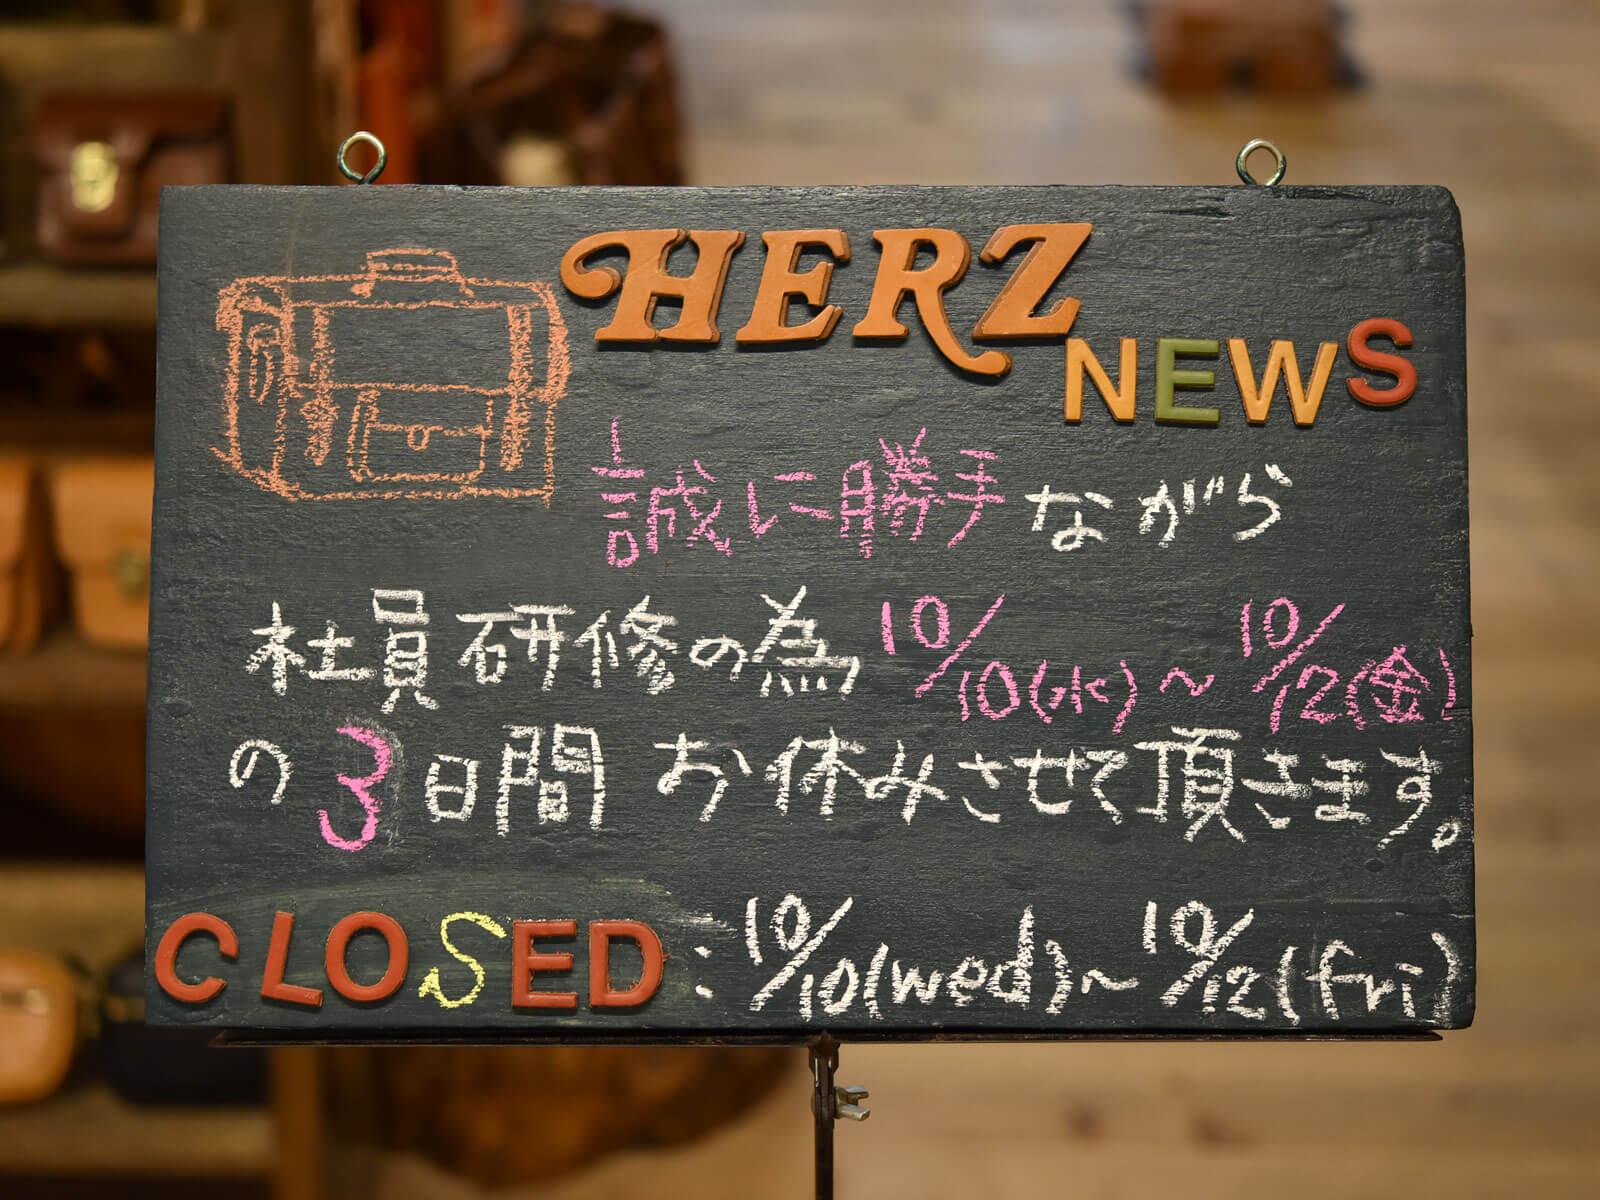 社員研修による休業のお知らせ(10/10~10/12)